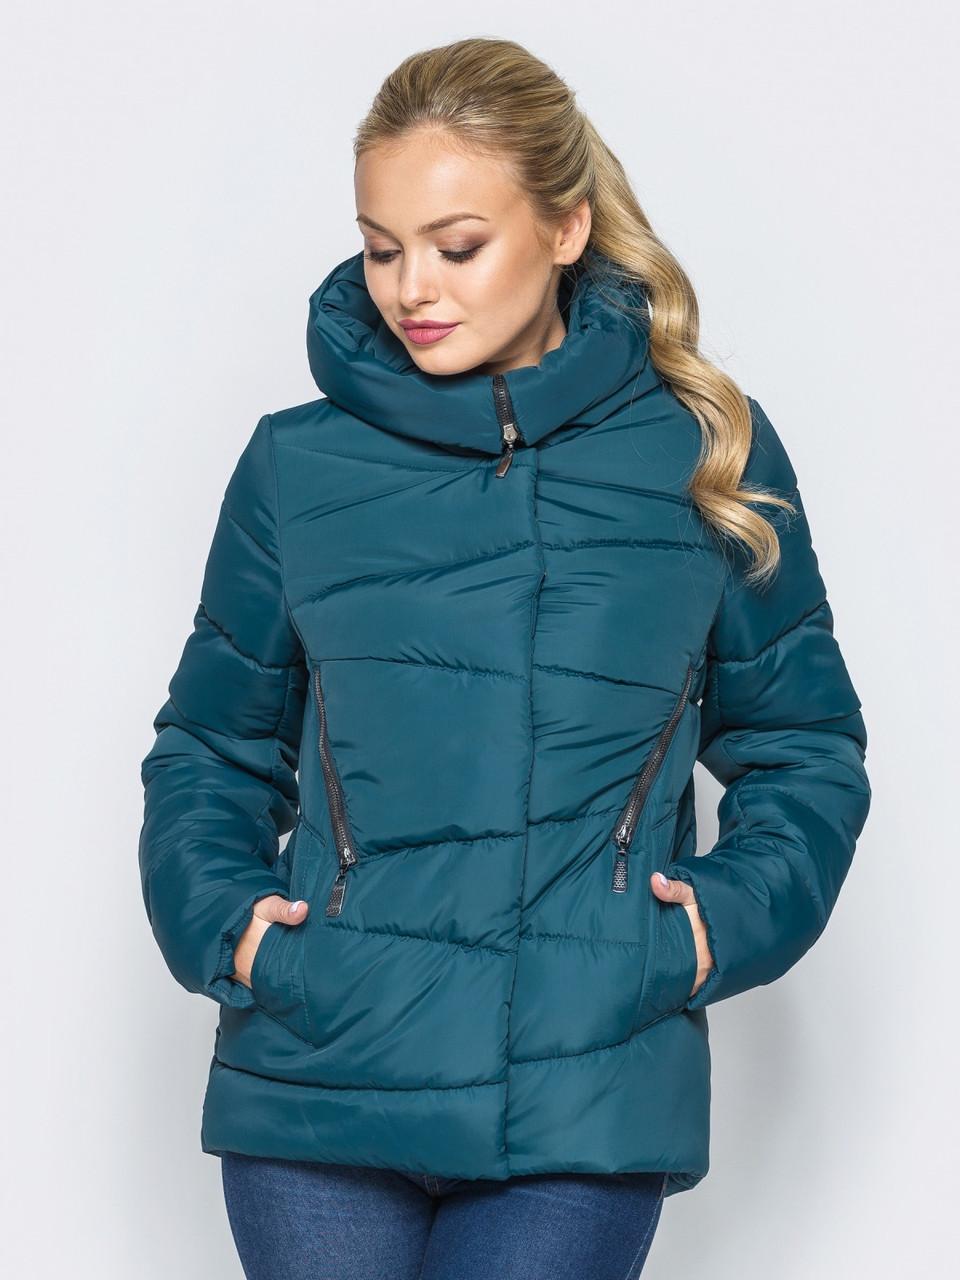 49e7d8df216 Куртка демисезонная женская - Остров модной одежды в Винницкой области